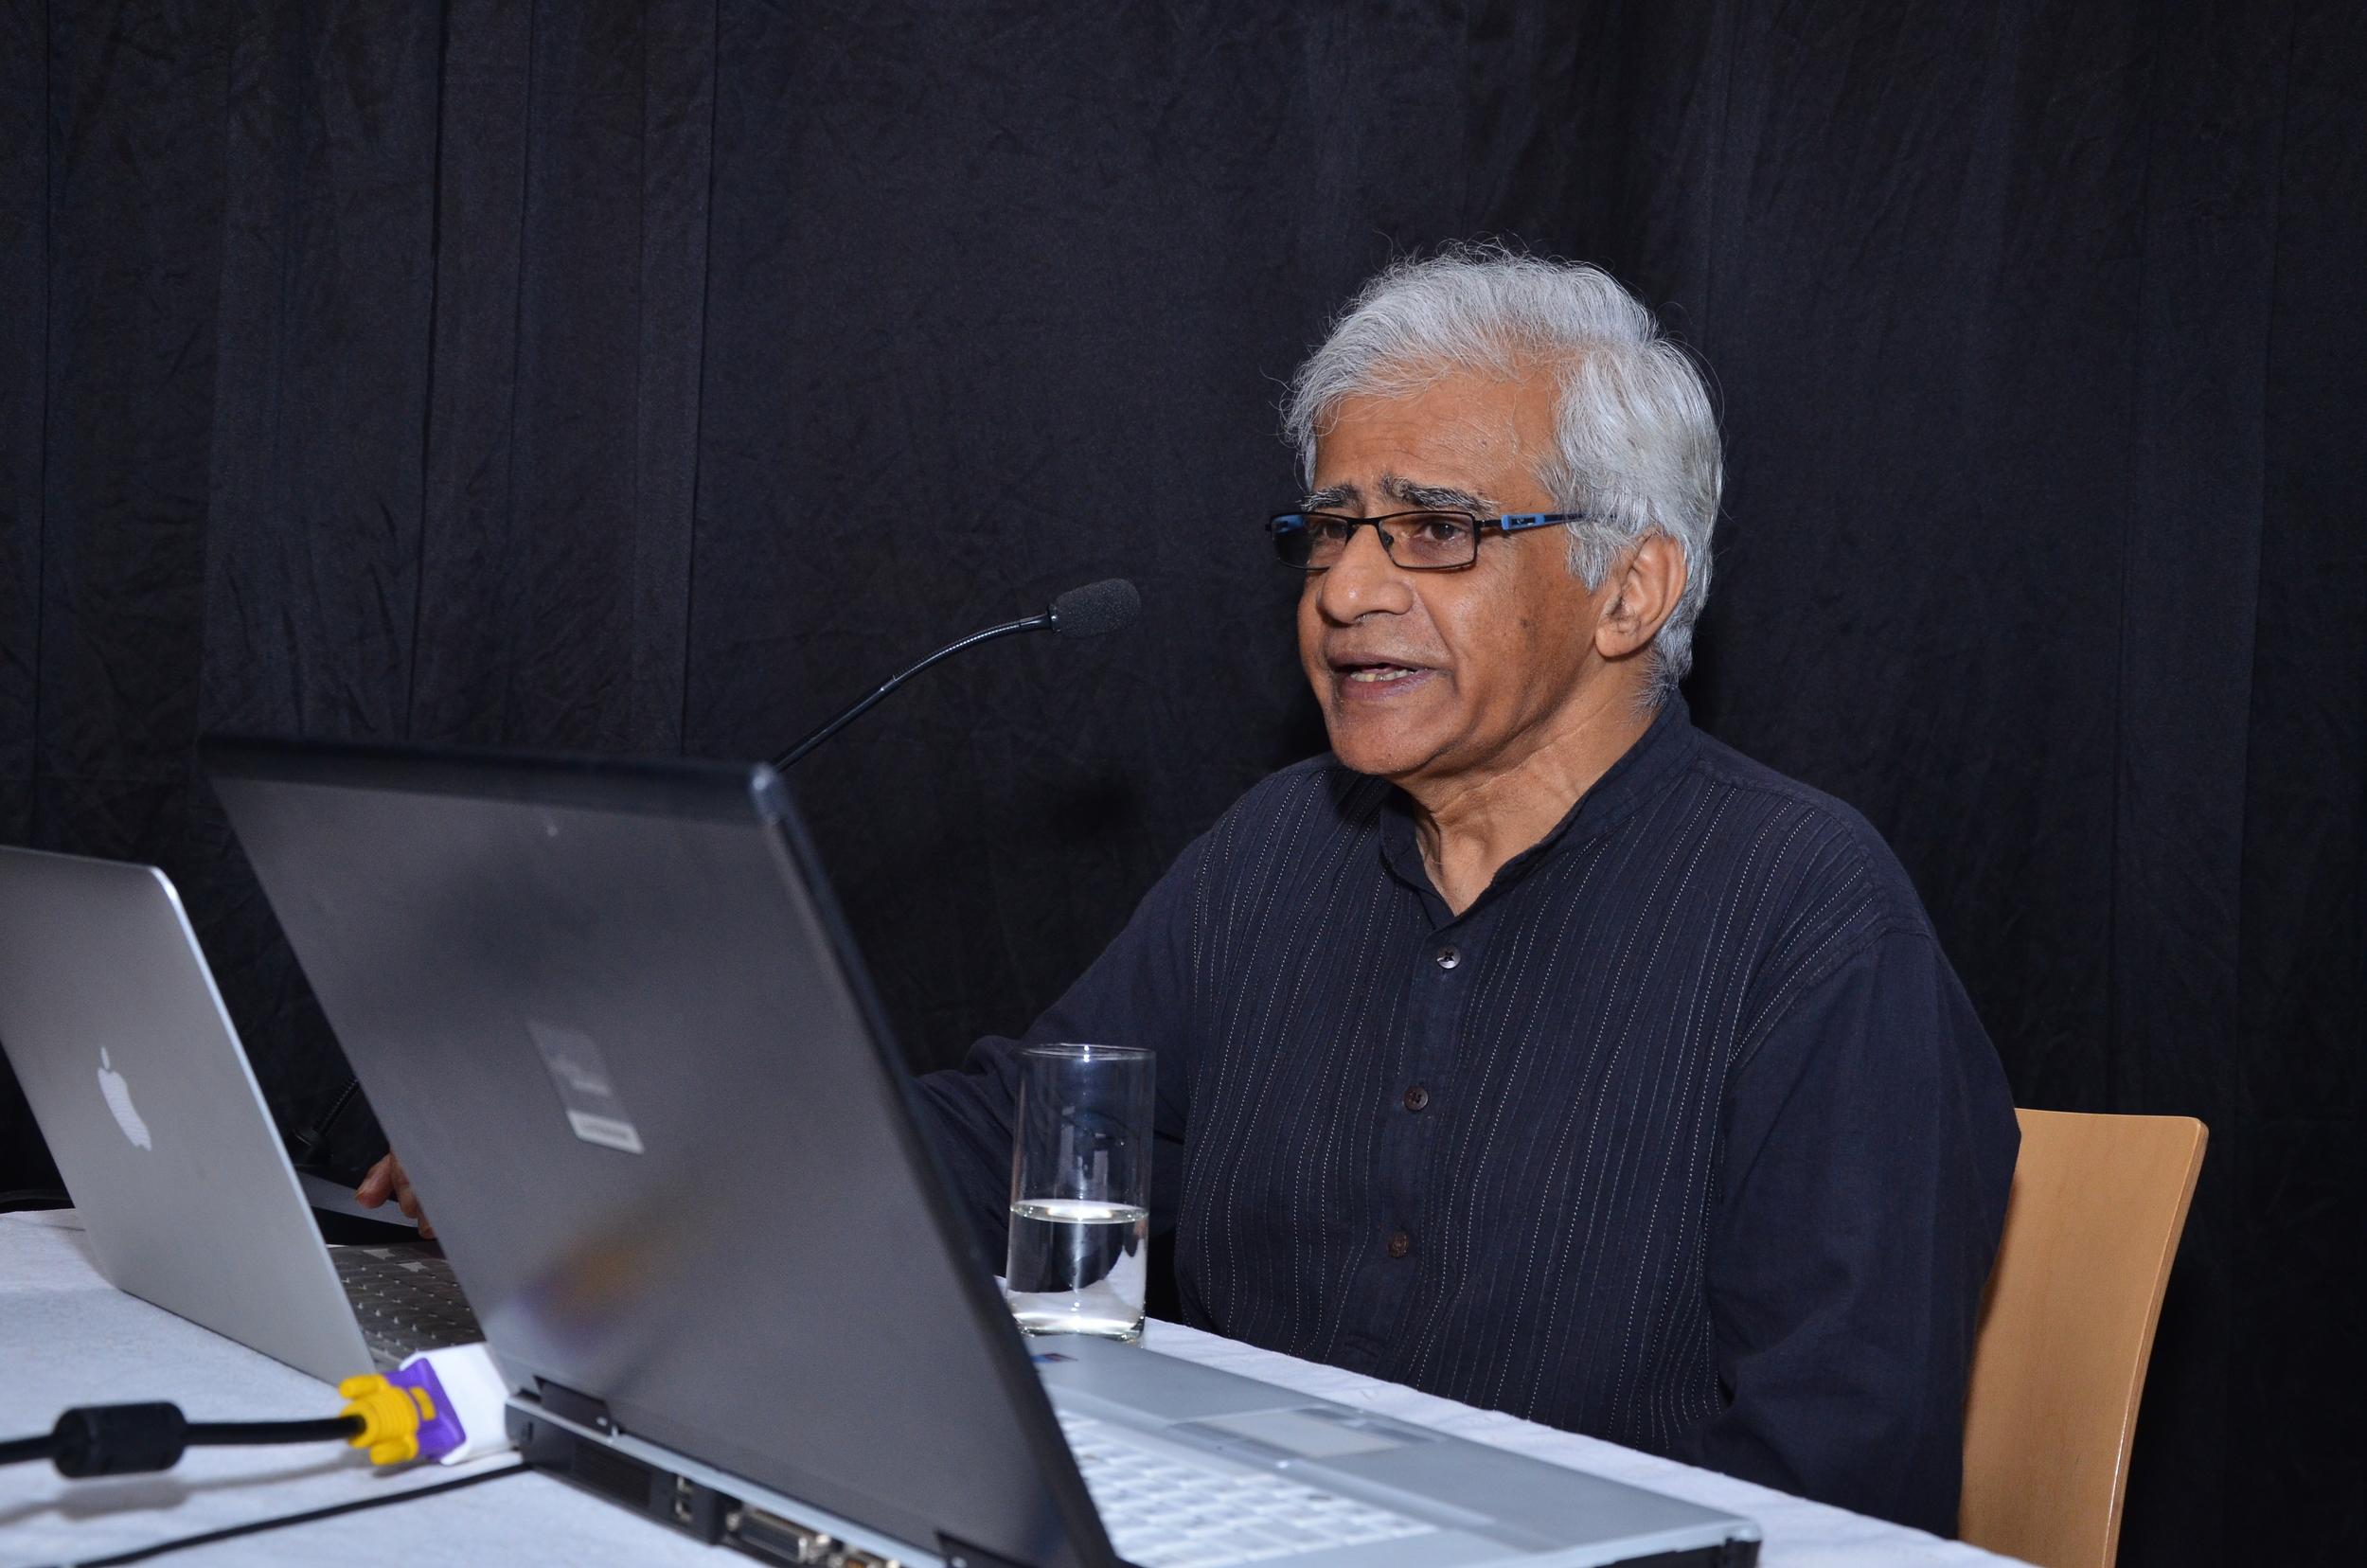 Panel 1: Speaker: Vivan Sundaram